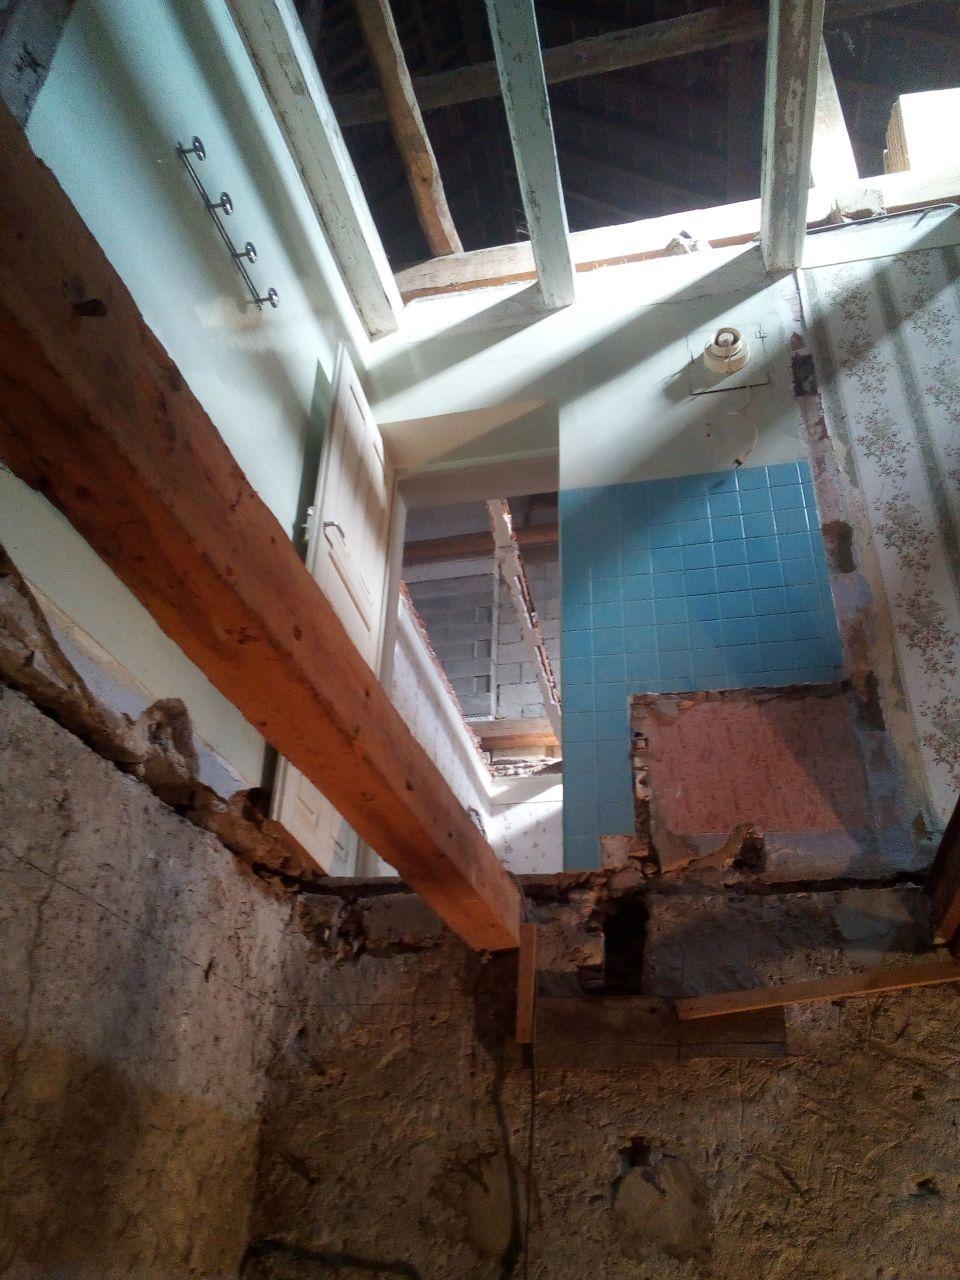 une vue depuis la cave , avec l'ancienne salle de bain et chambre et les combles au dessus ! 13 metres jusqu'au fetage !